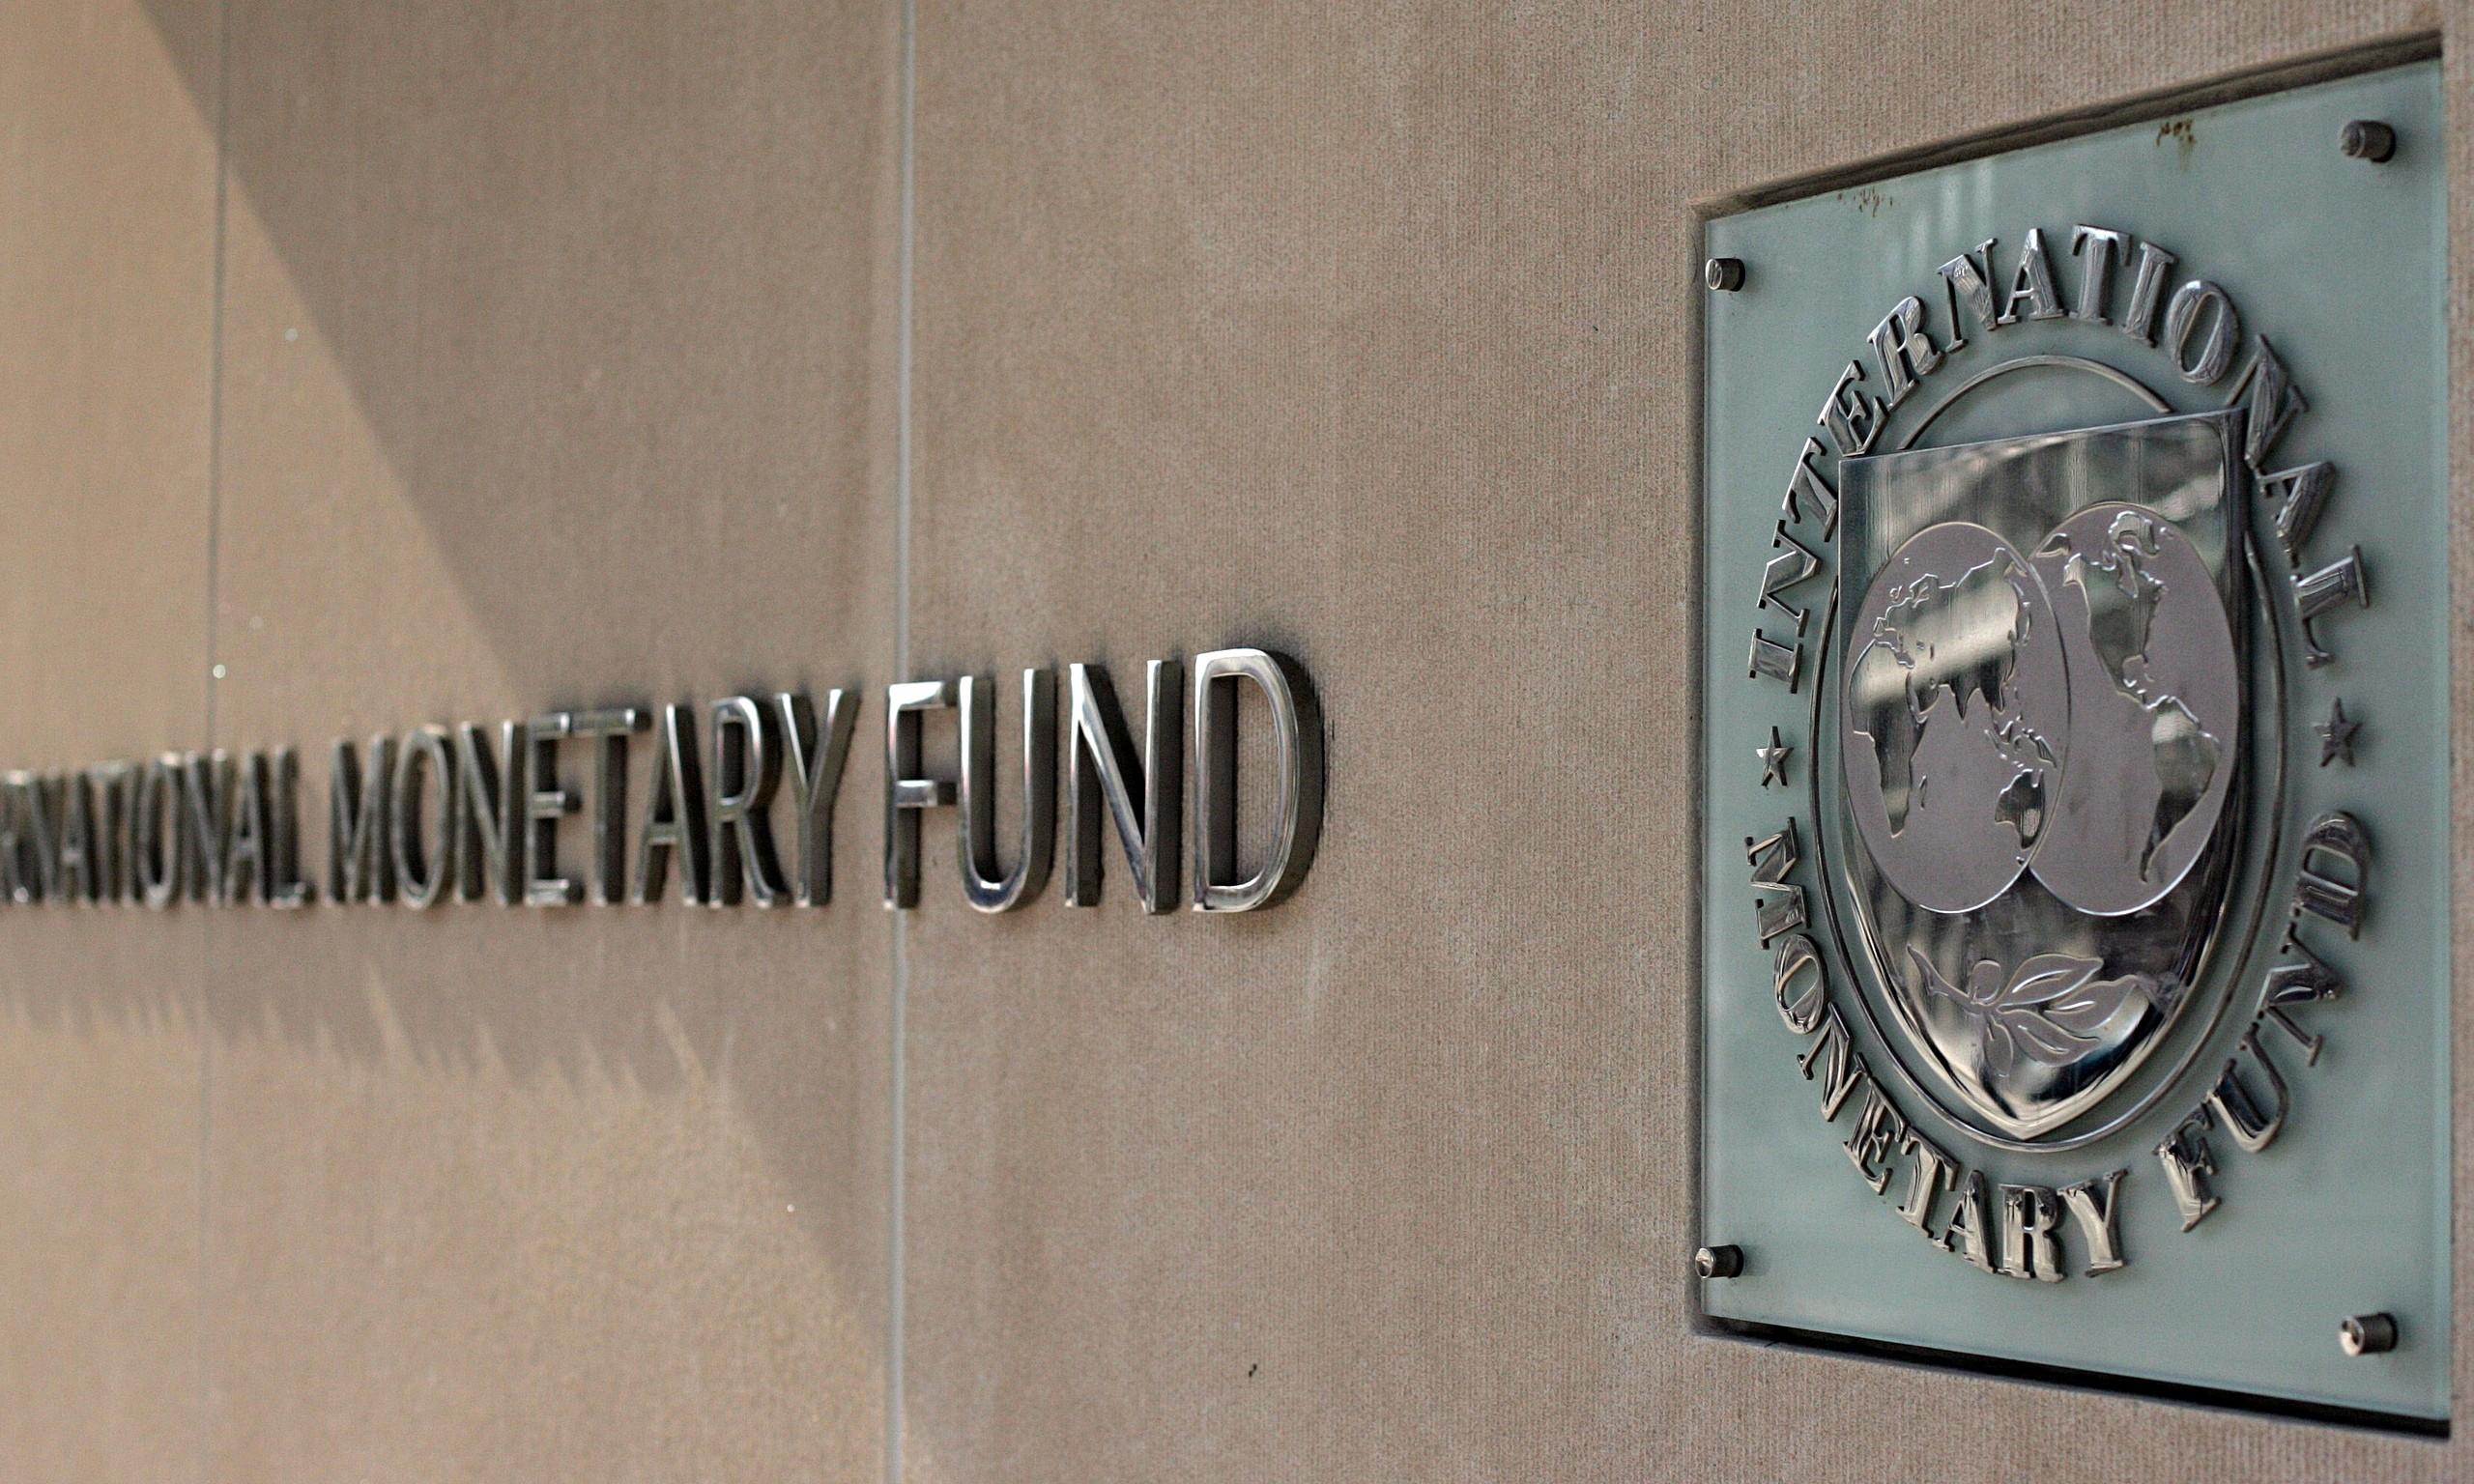 آئی ایم ایف نے سخت شرائط رکھیں جن کی سیاسی قیمت بھی ہے : وزیرخزانہ